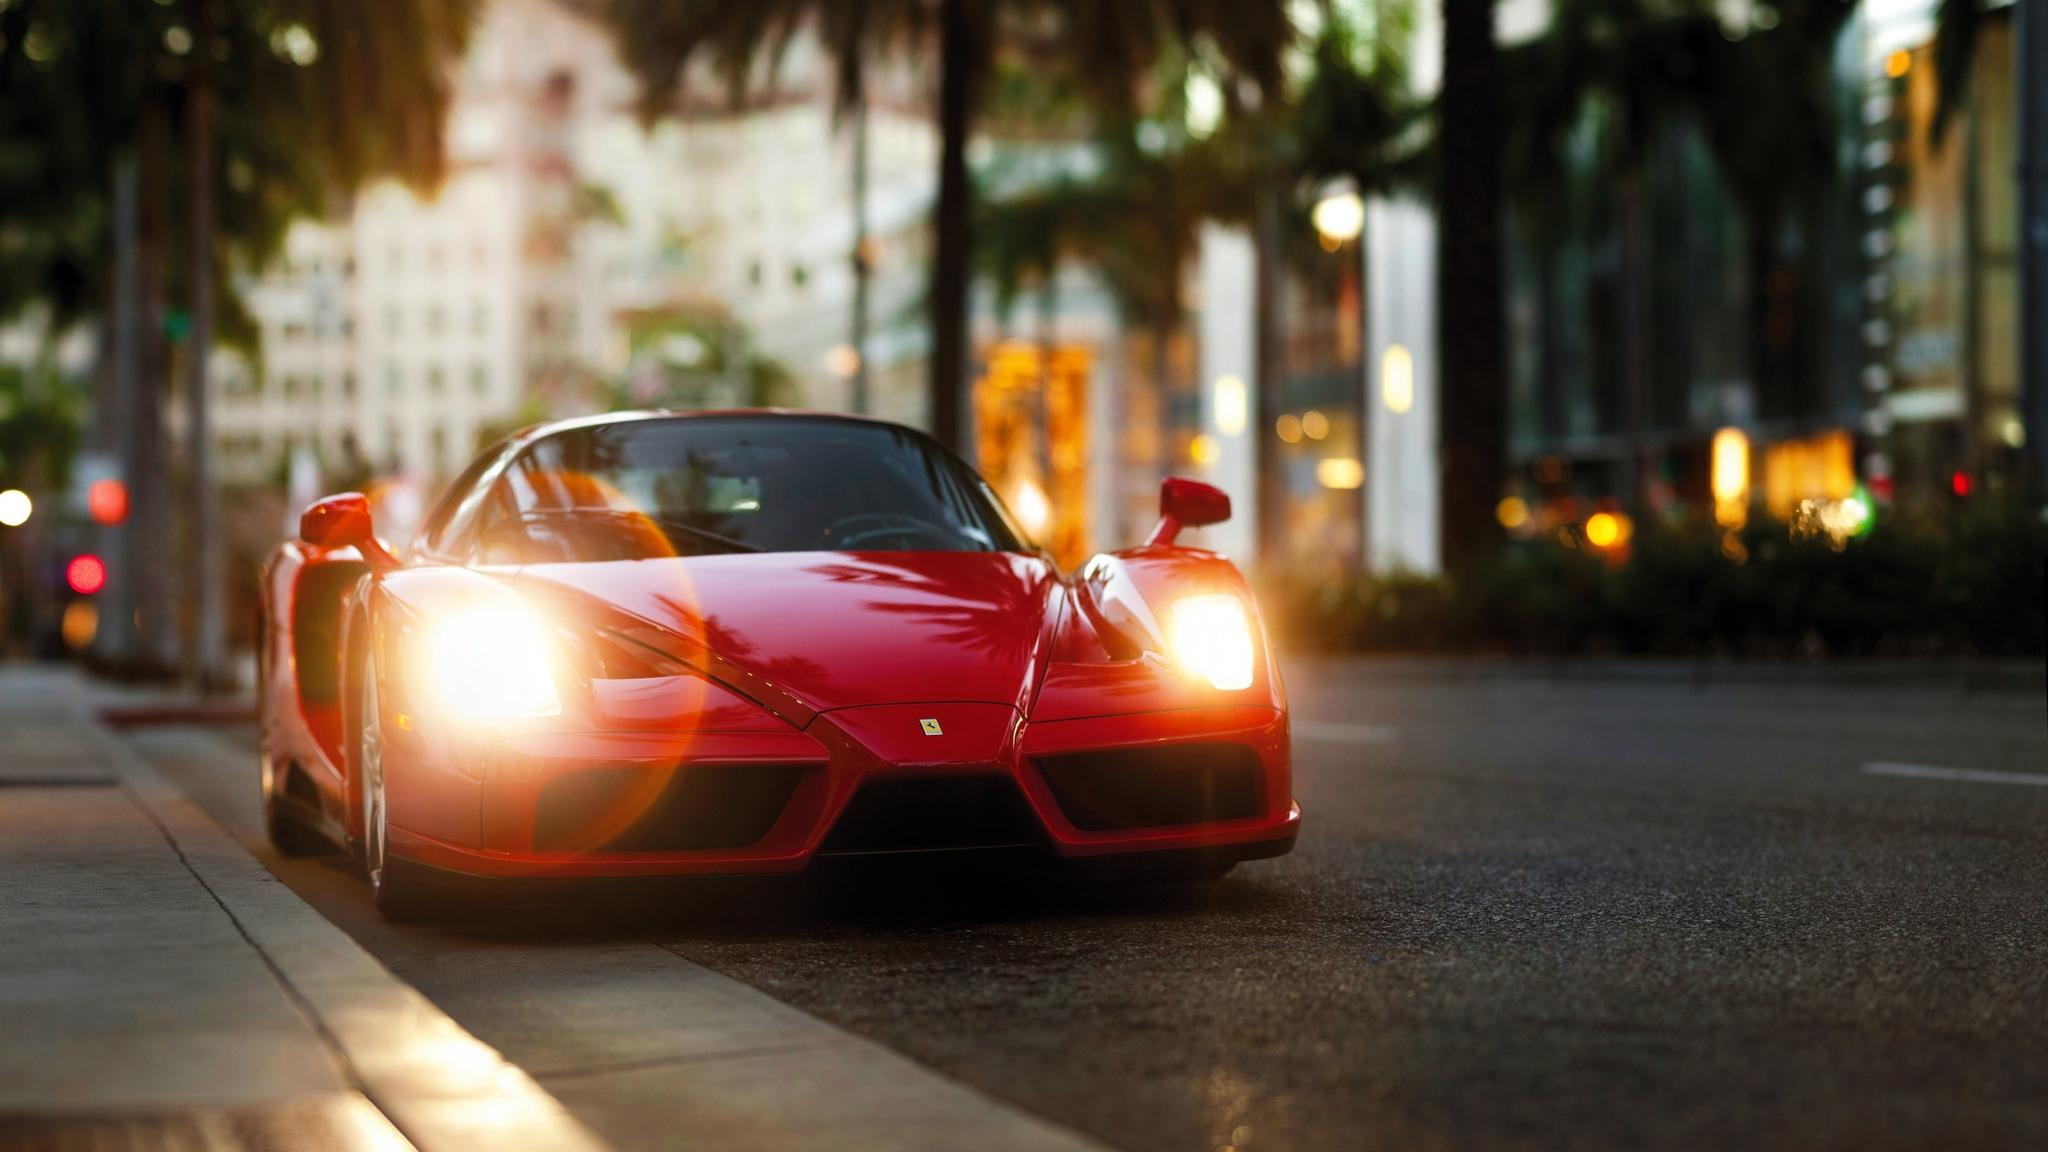 Download Red Black Ferrari 2048 X 2048 Wallpapers: 2048x1152 Ferrari Enzo Red 2048x1152 Resolution HD 4k